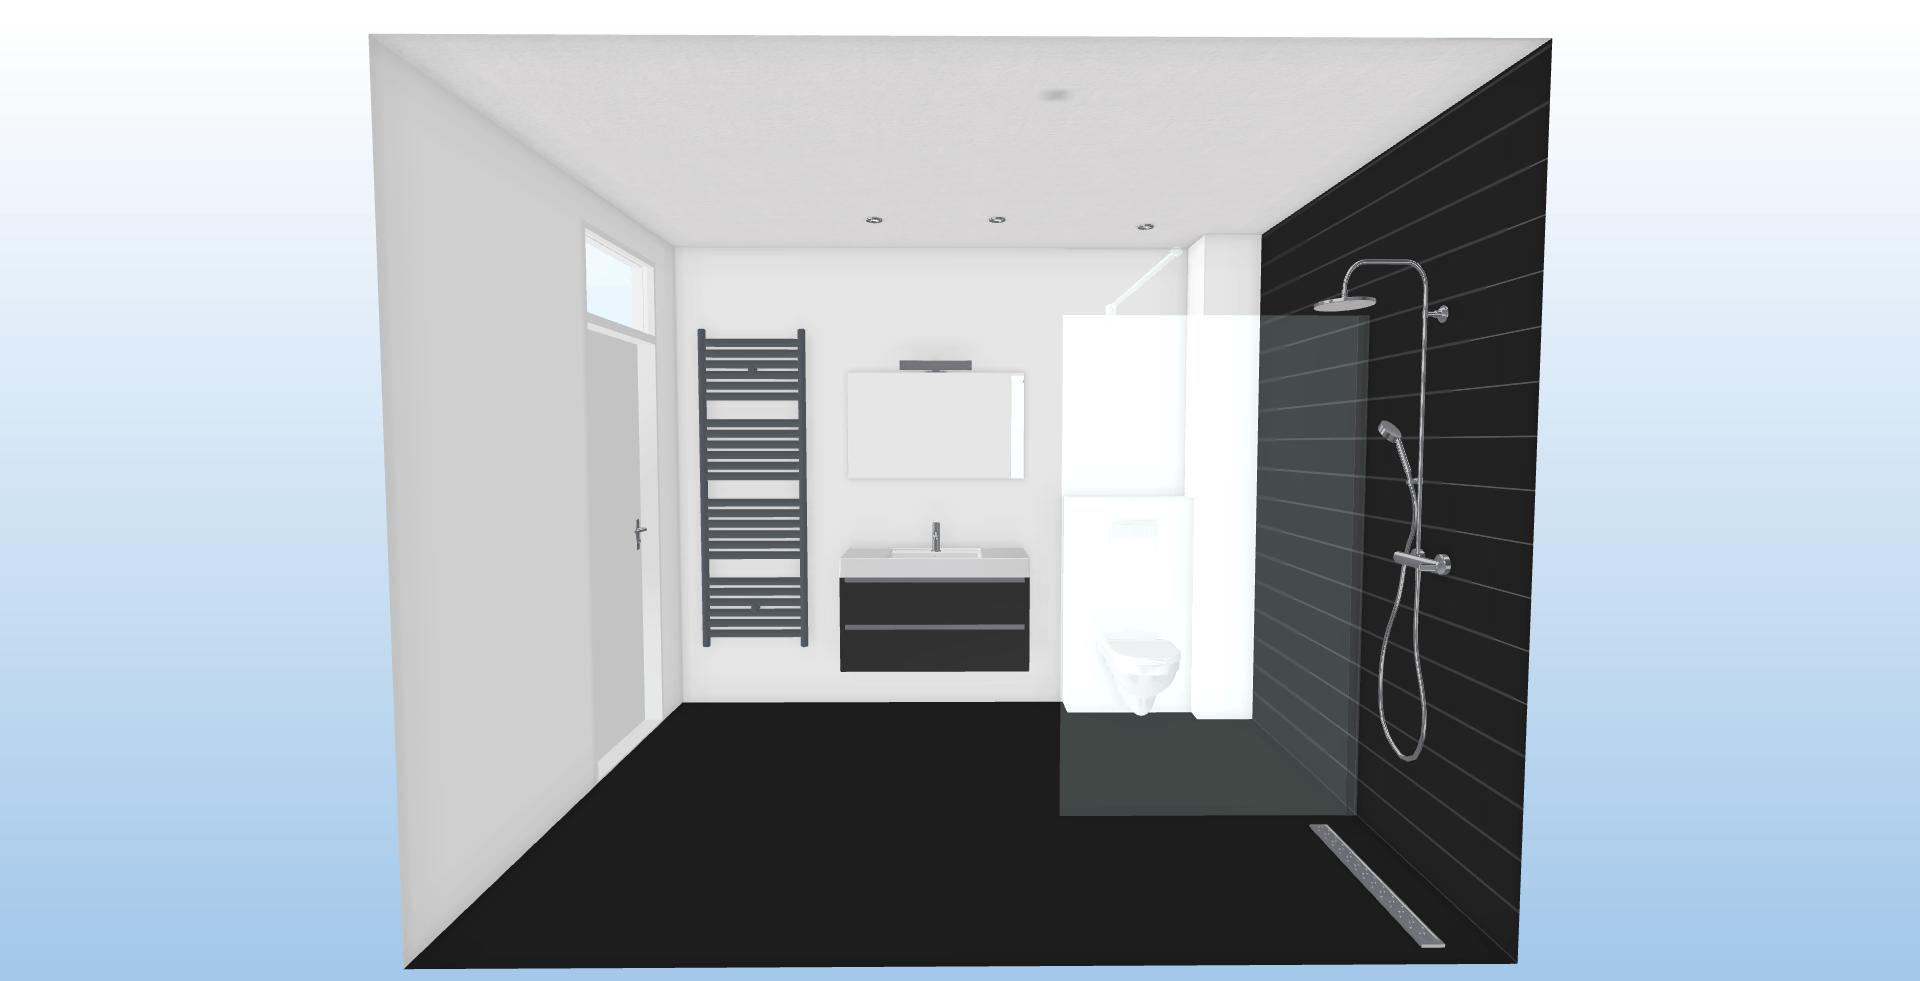 Beste Indeling Badkamer : Indeling badkamer elegant badkamer indeling voorbeelden with